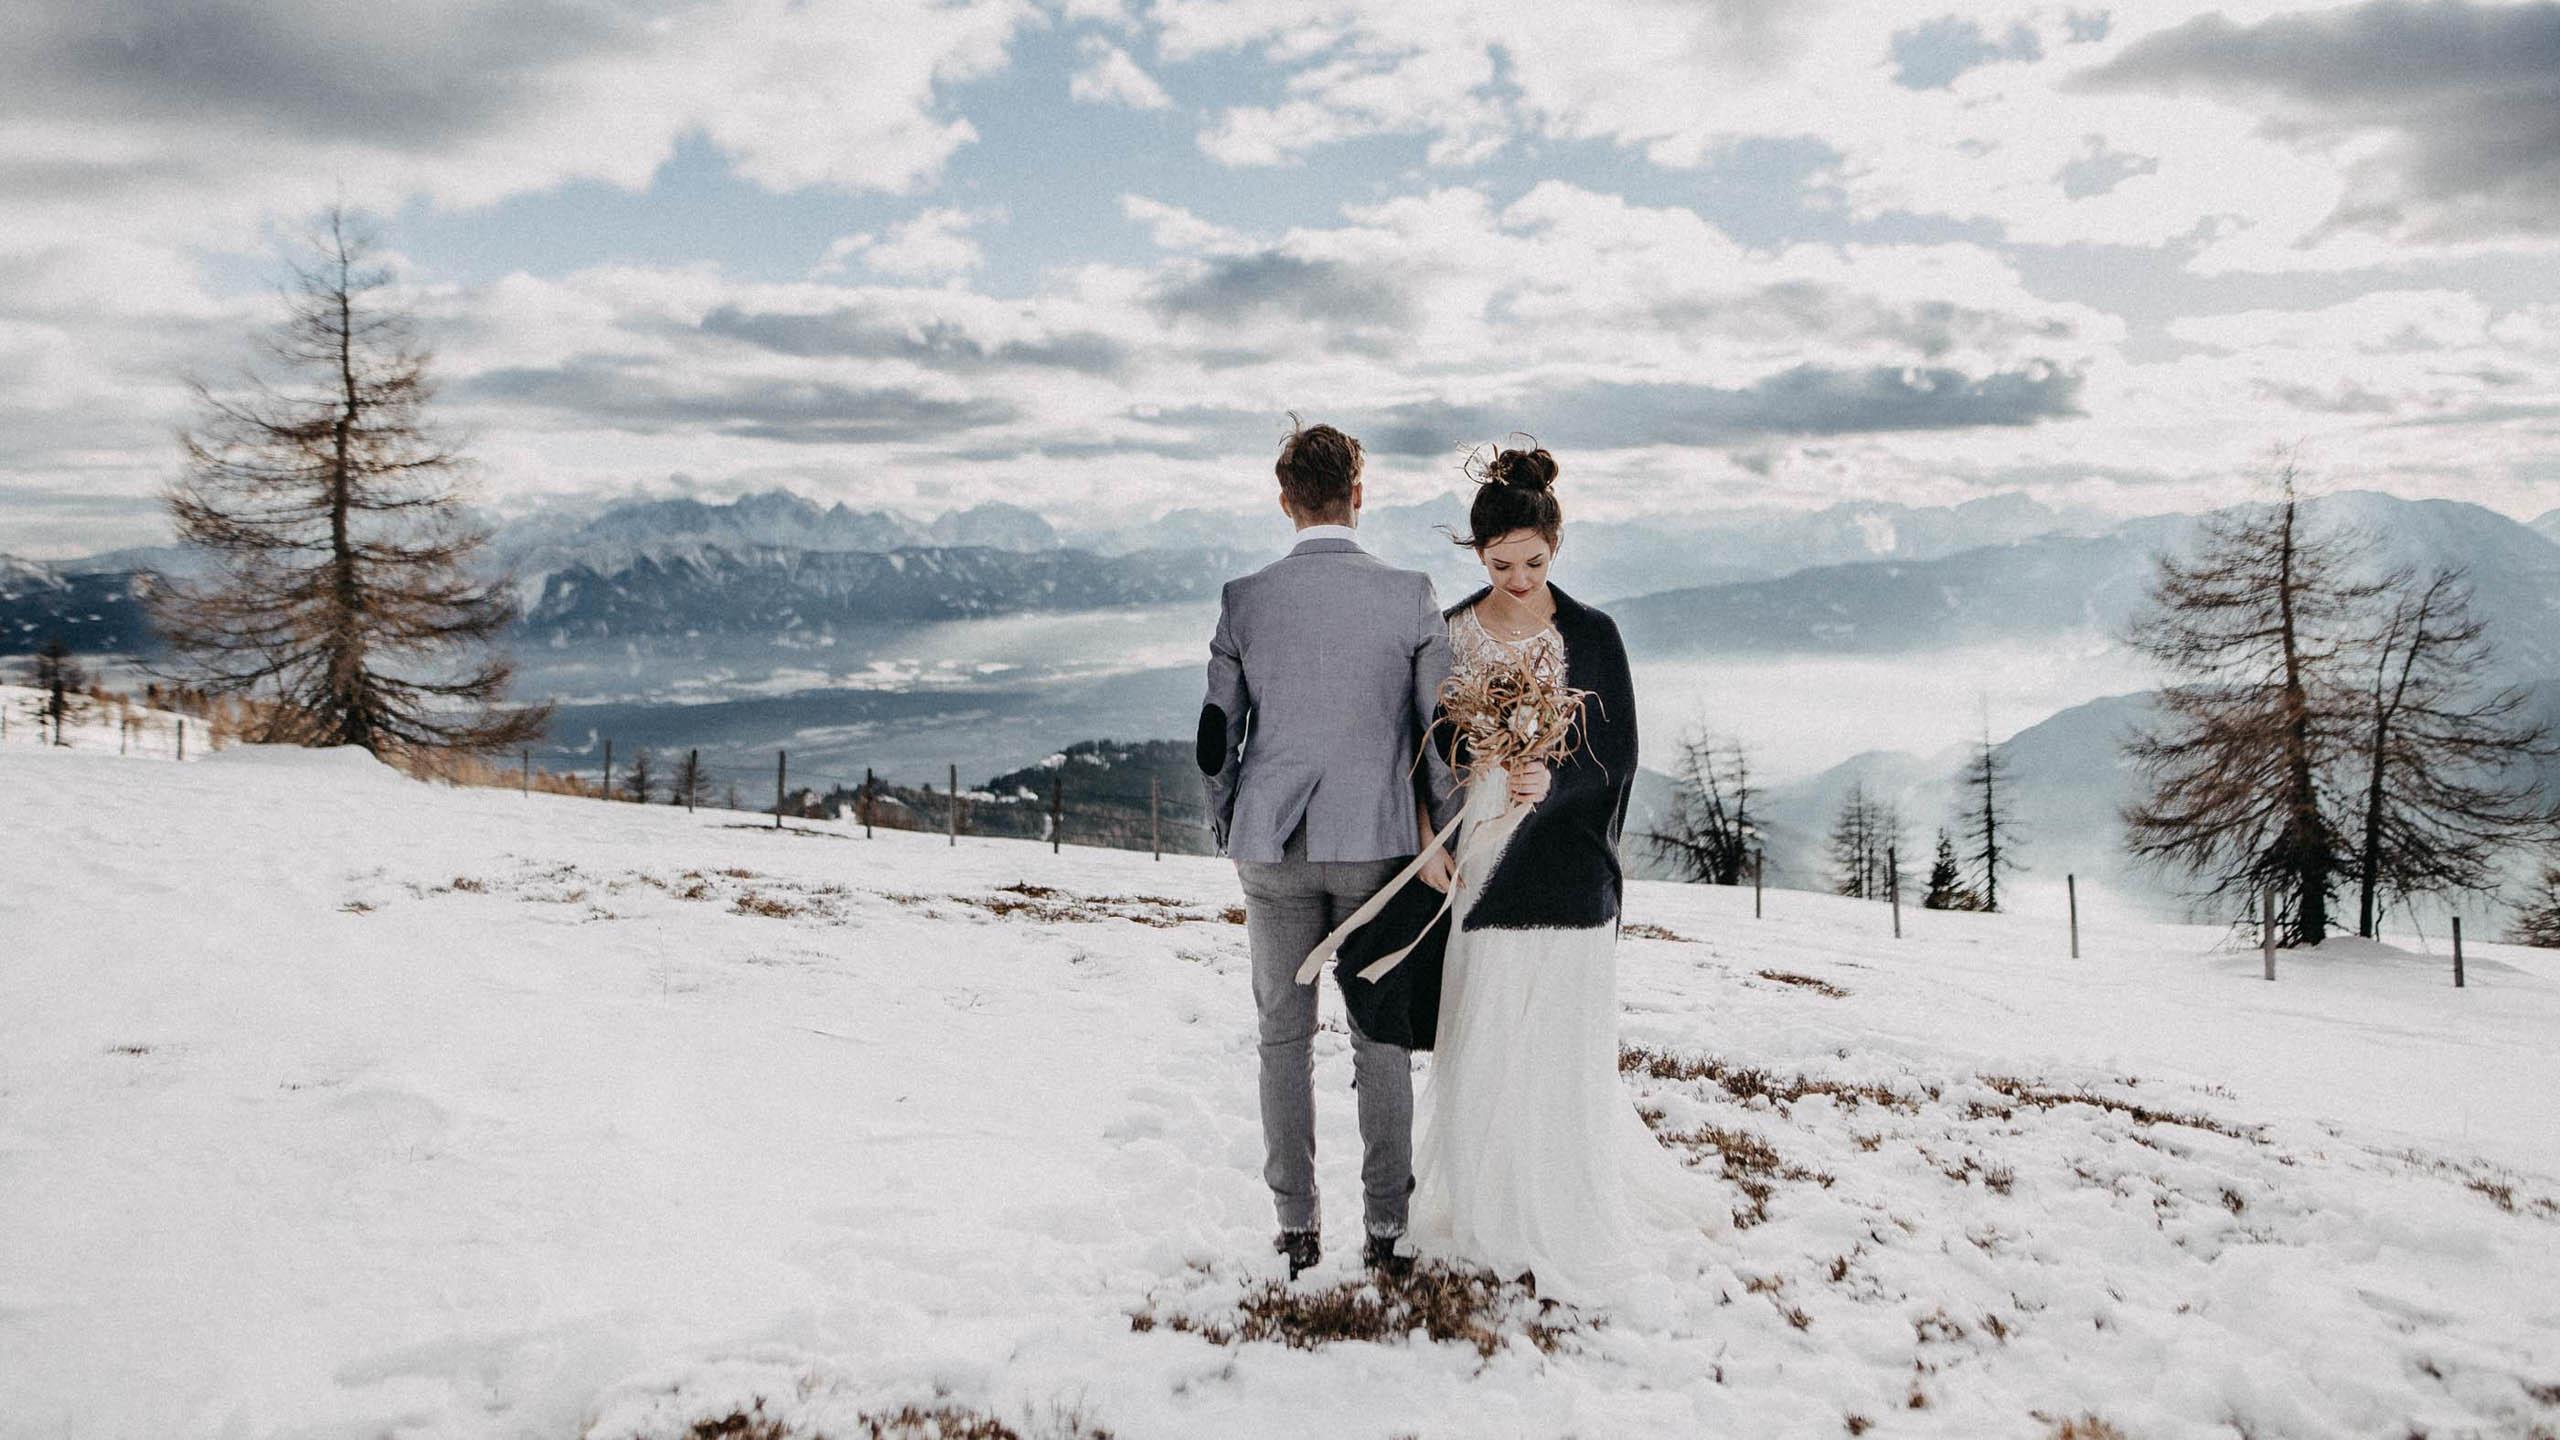 Brautkleid Winter Berge und Romantik – ein verliebtes Paar im Schnee